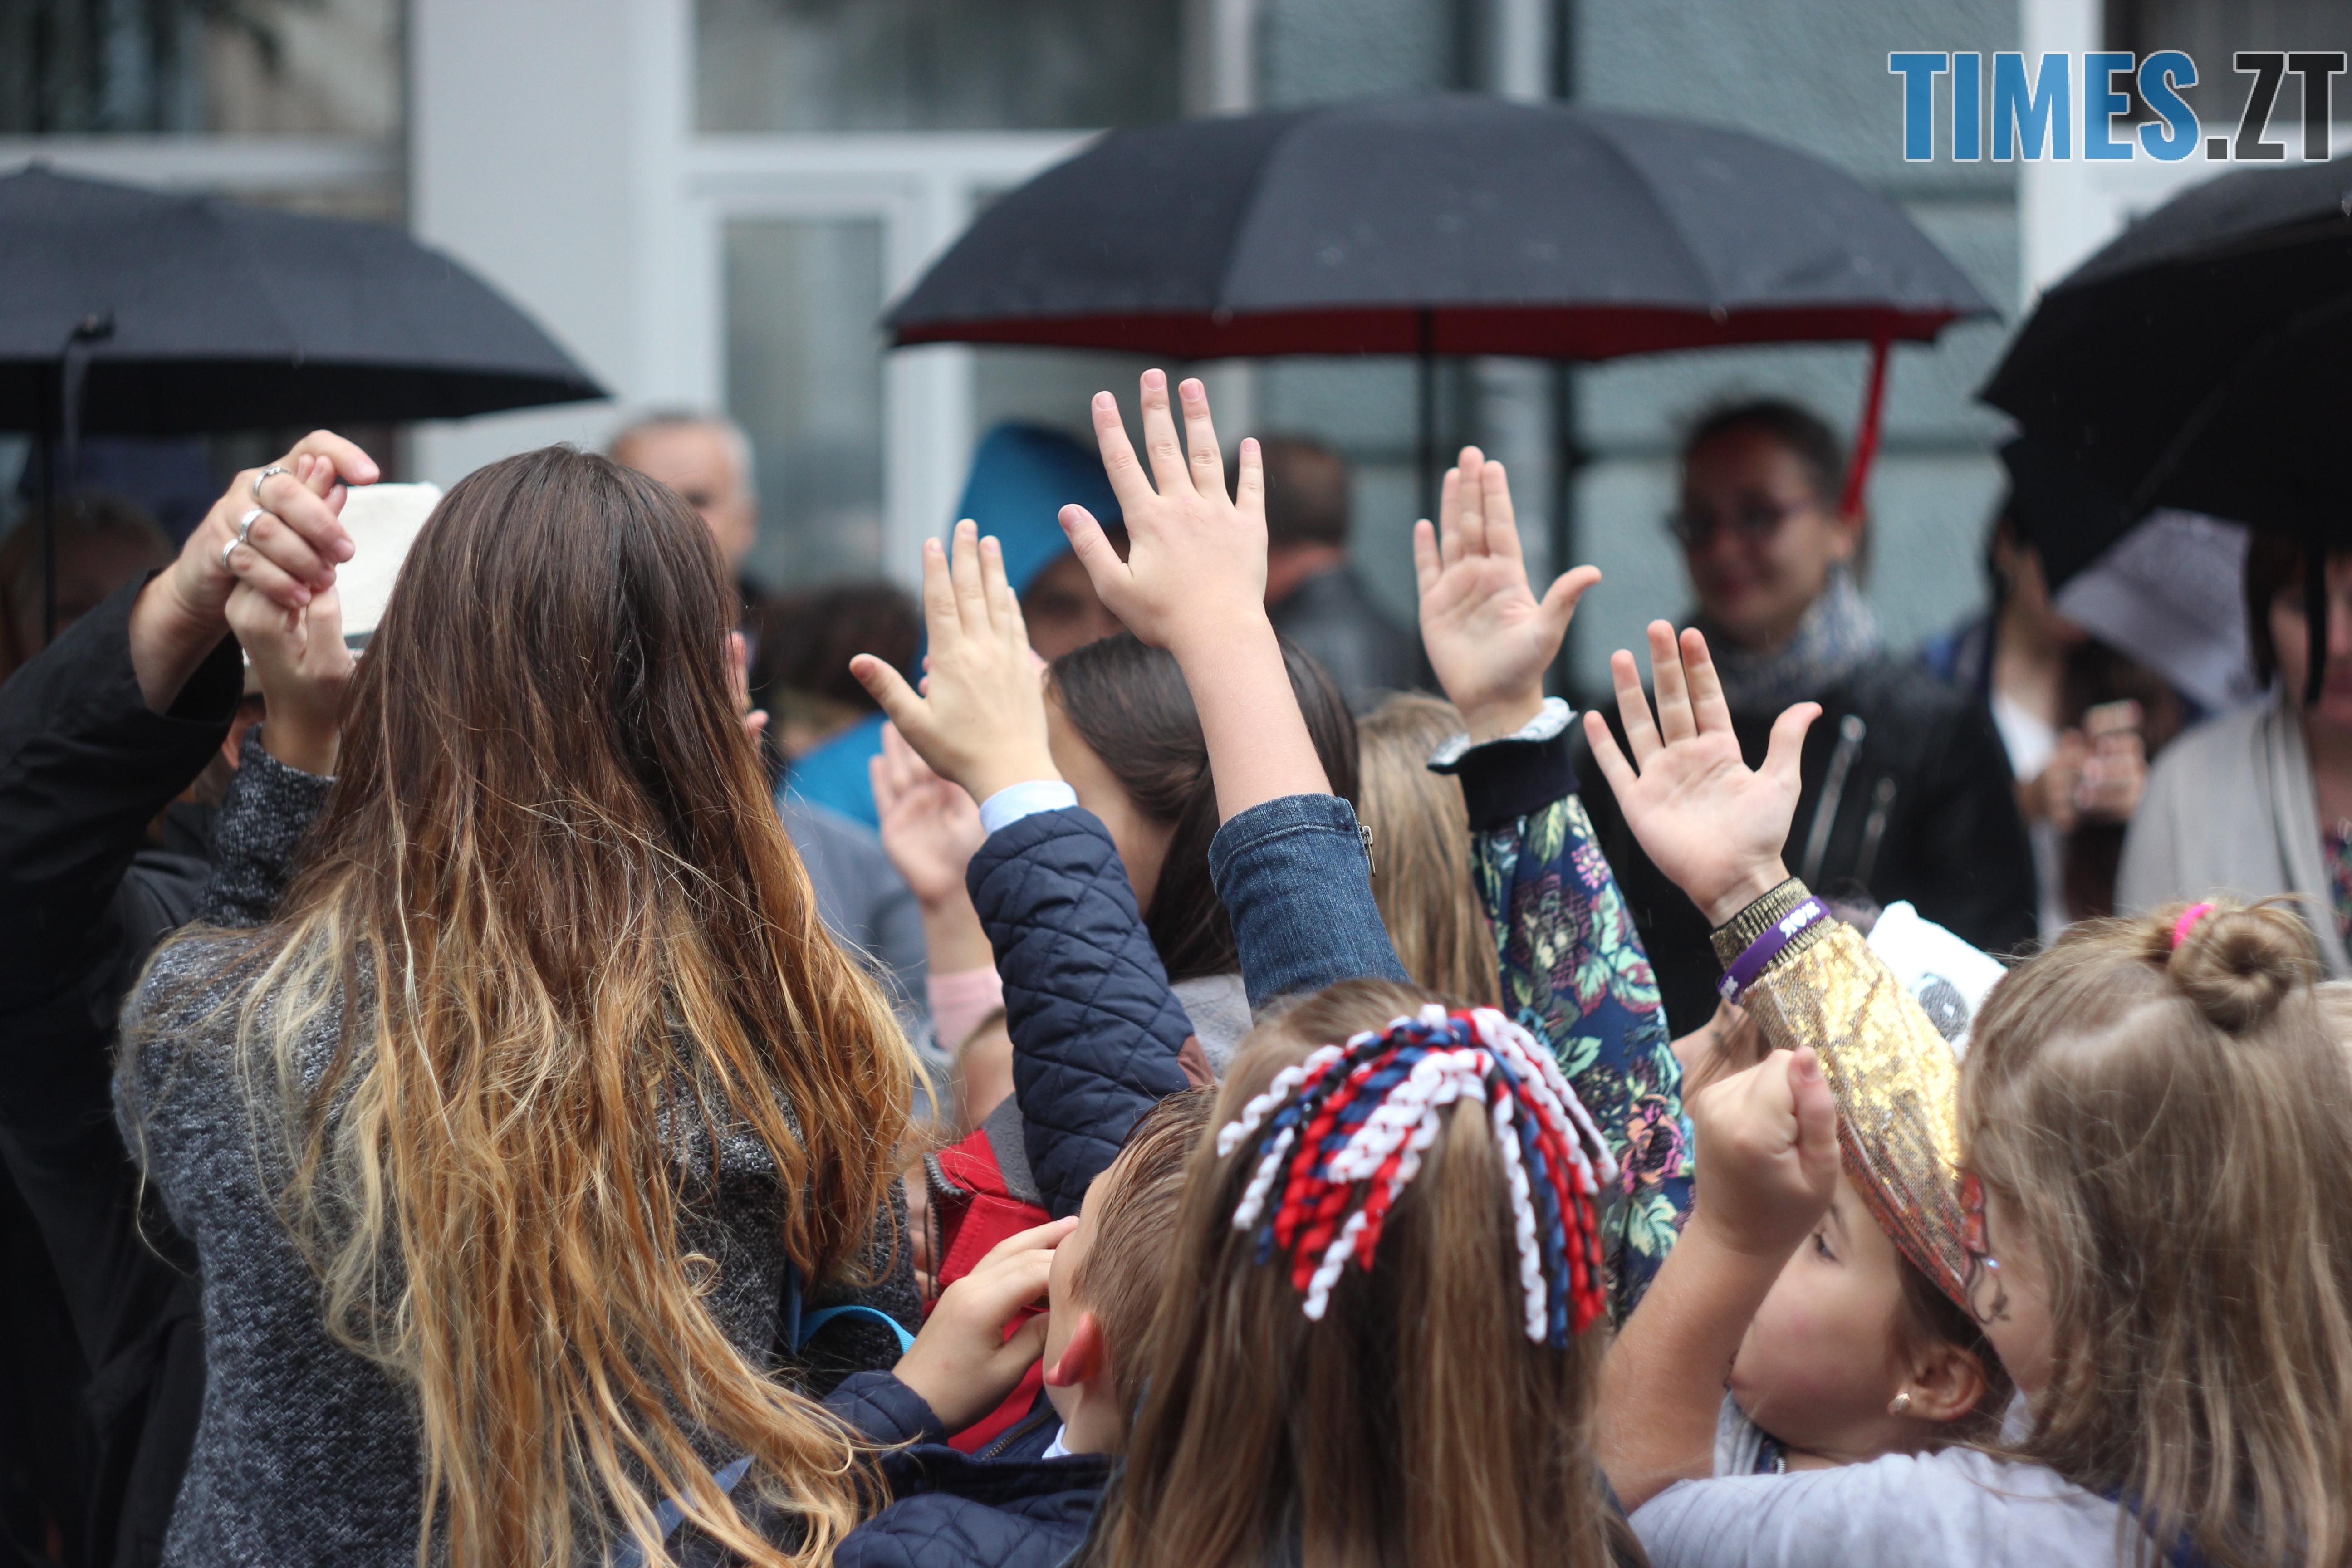 IMG 9698 - Дитячі розваги на Михайлівській: маленькі житомиряни святкують День міста (ФОТО)